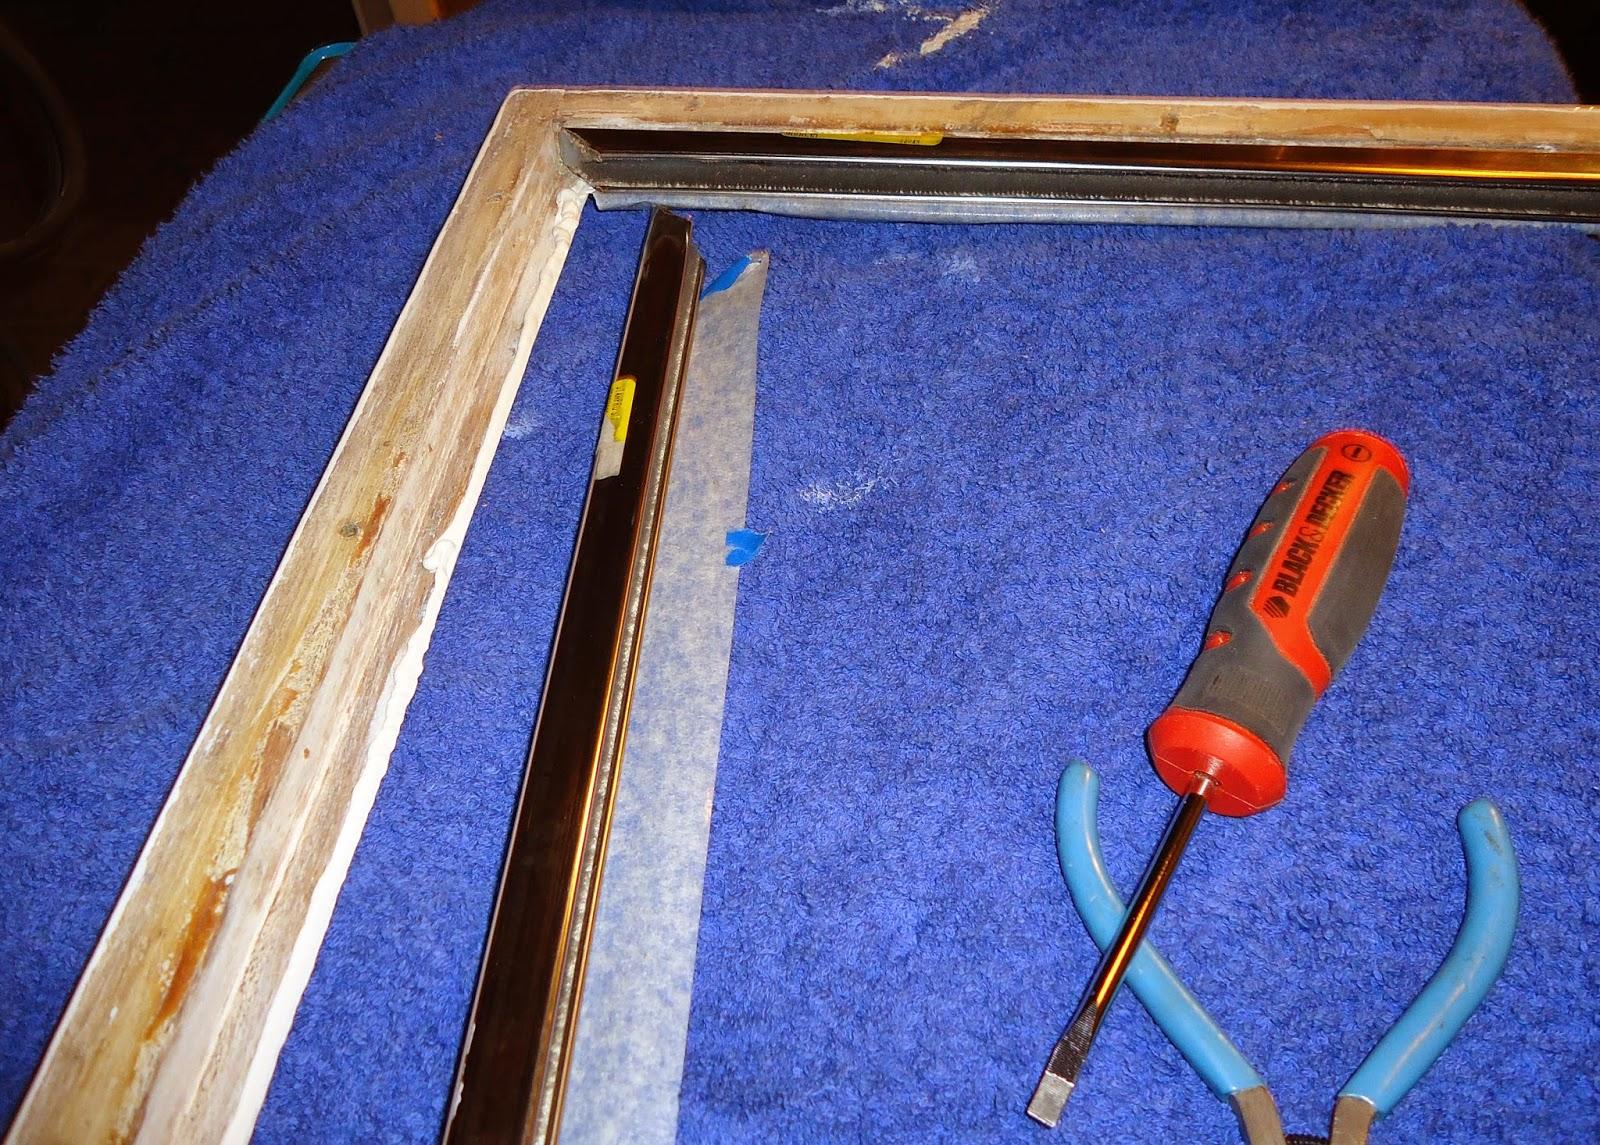 GB 36 window, GB woodie window repair